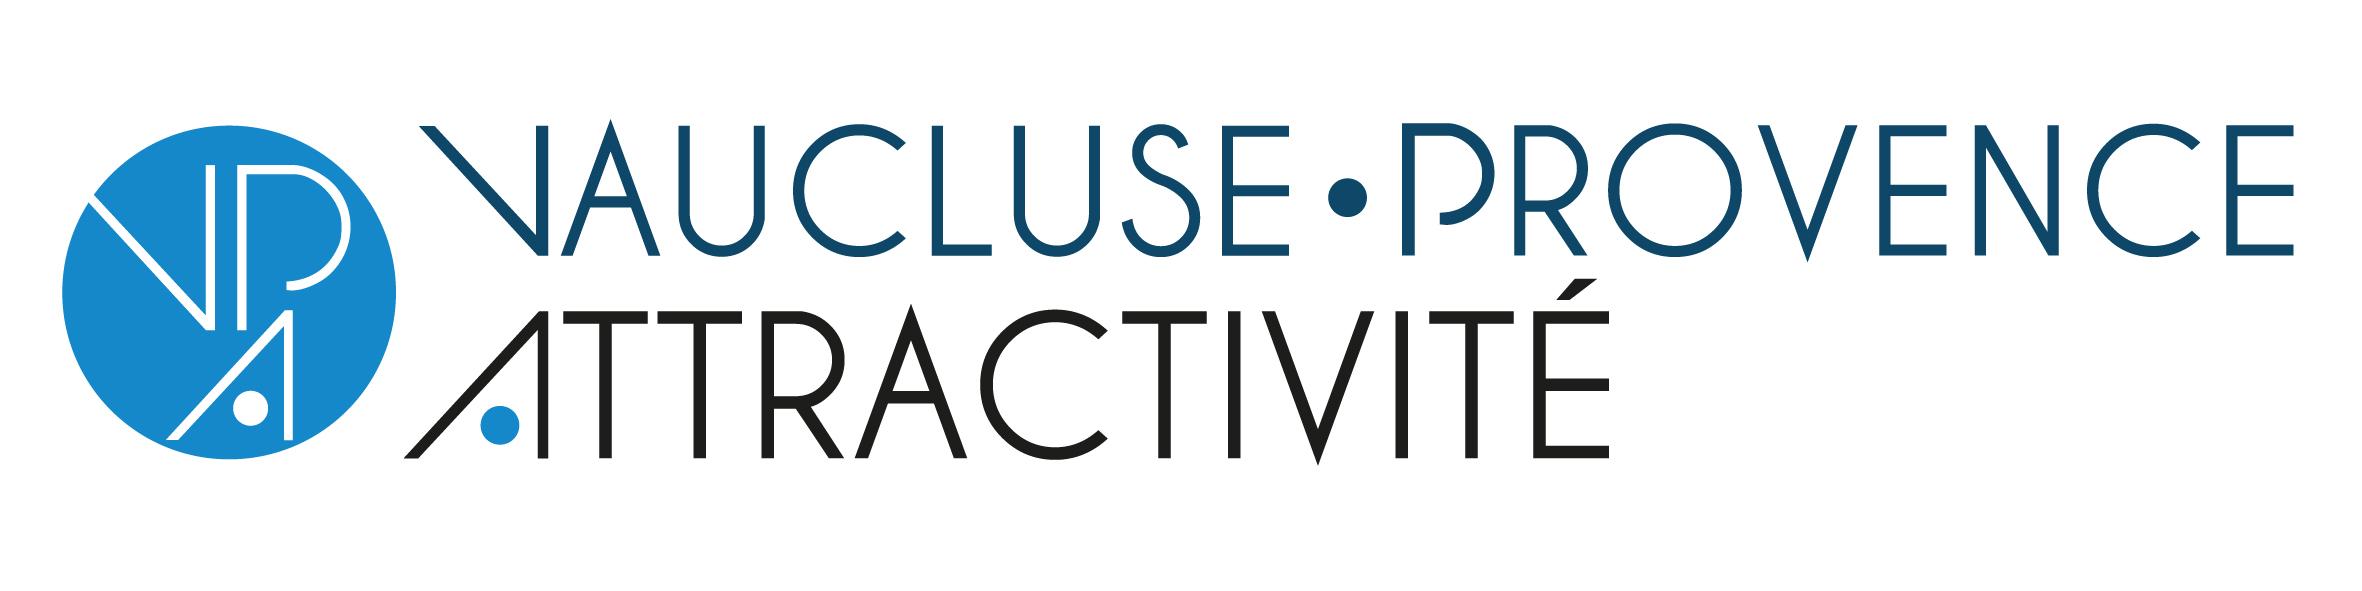 Etude stratégique (dév., marketing, com...) - Vaucluse Provence Attractivité